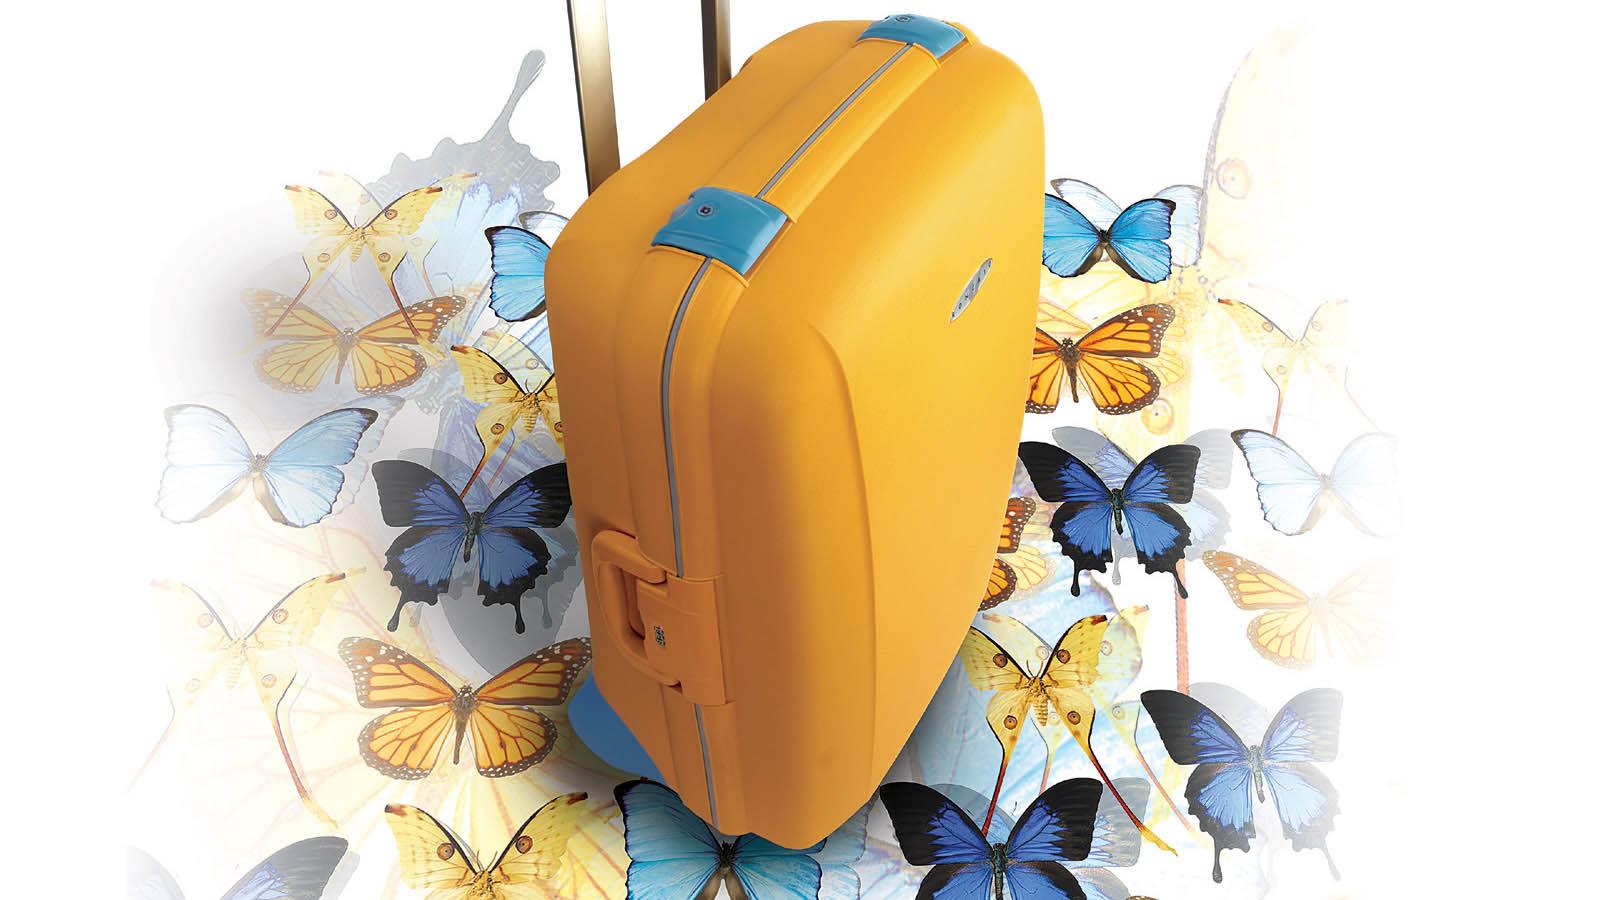 roncato-valiceria-farfalle